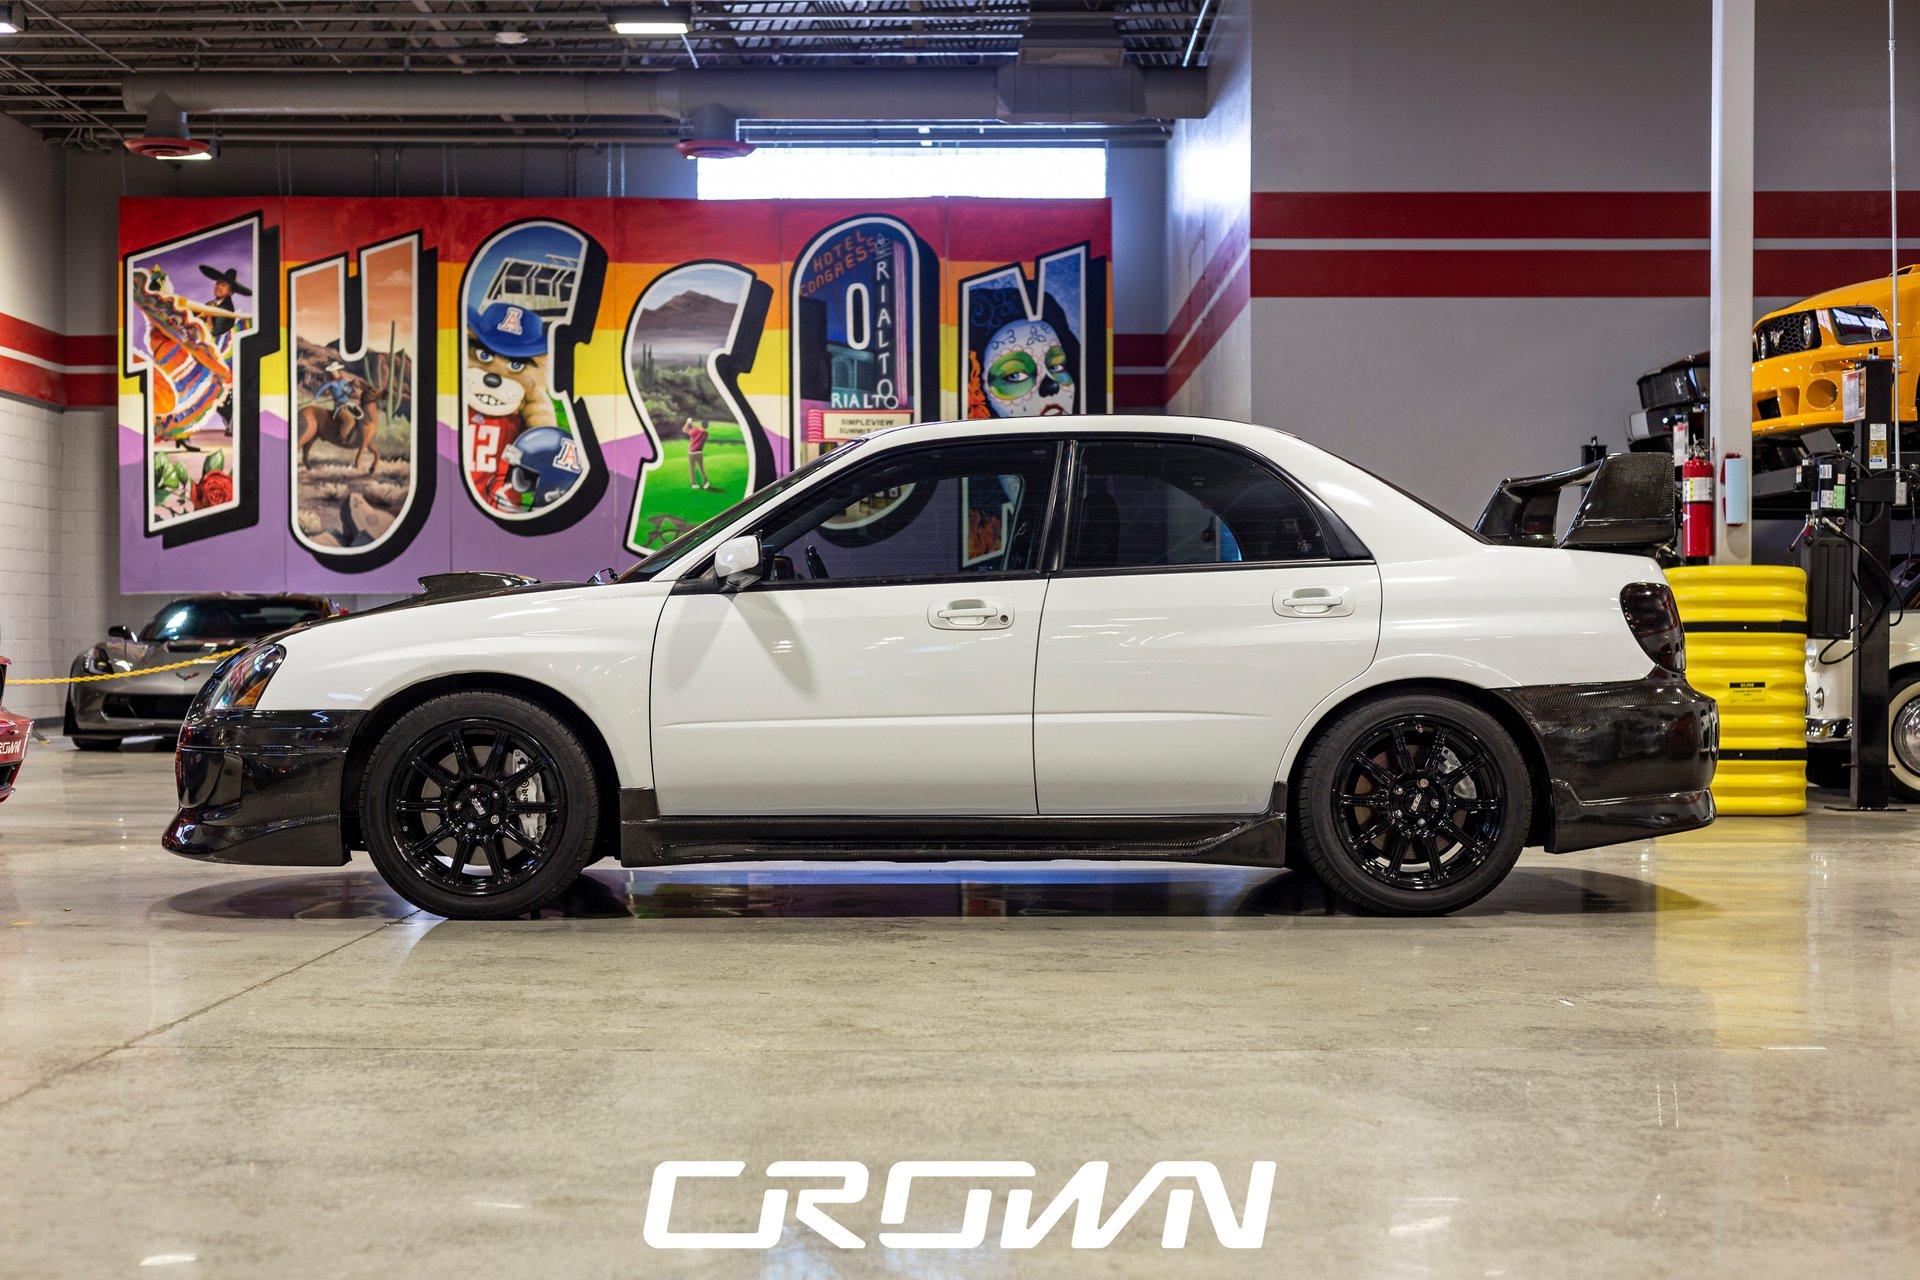 2005 Subaru STI for sale #168916   Motorious